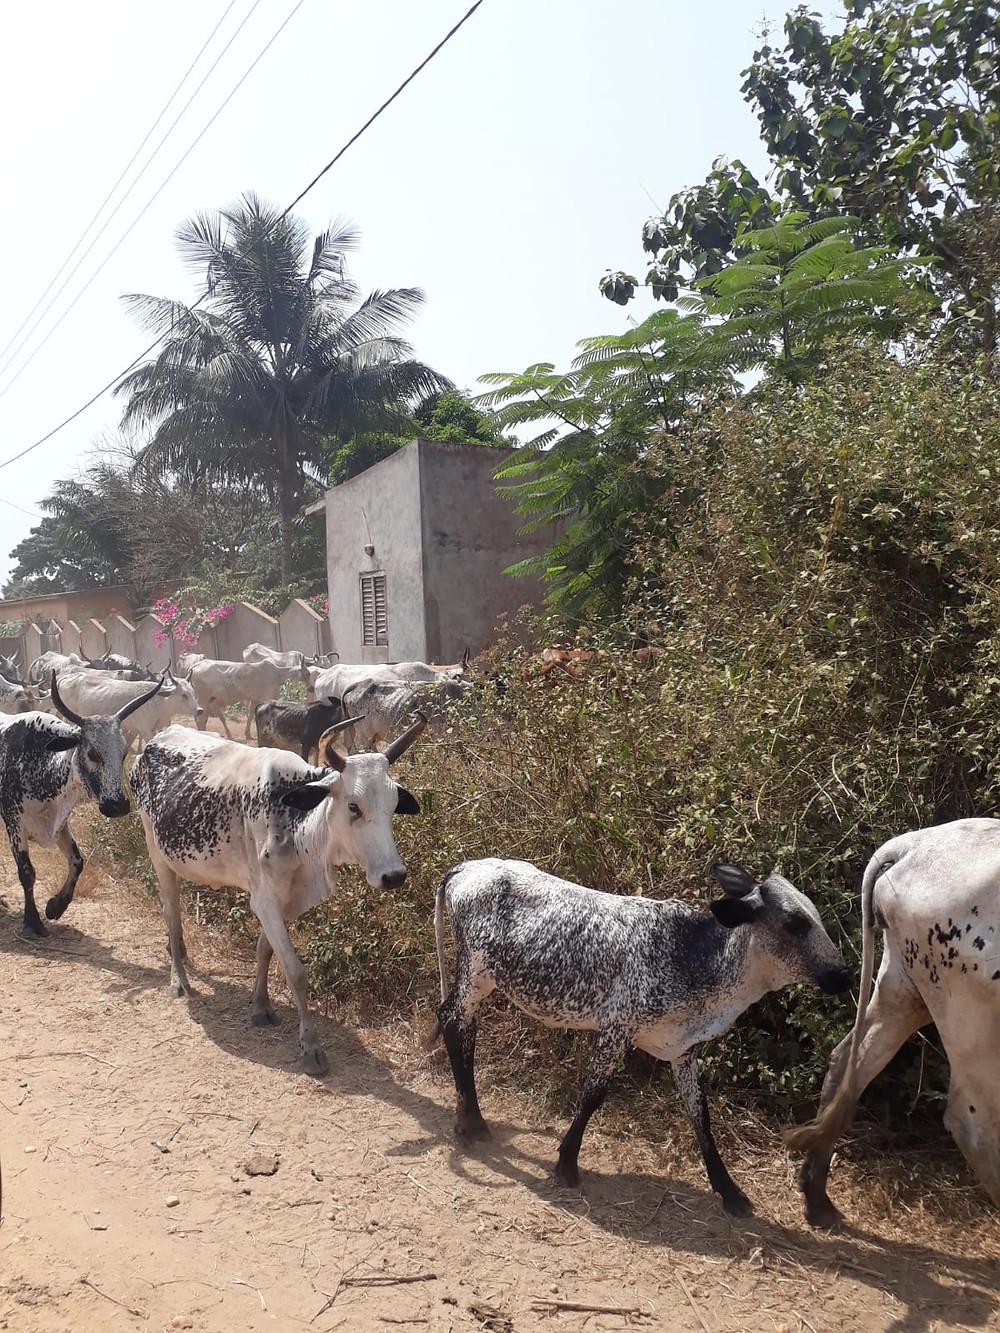 Lehmät matkustaa